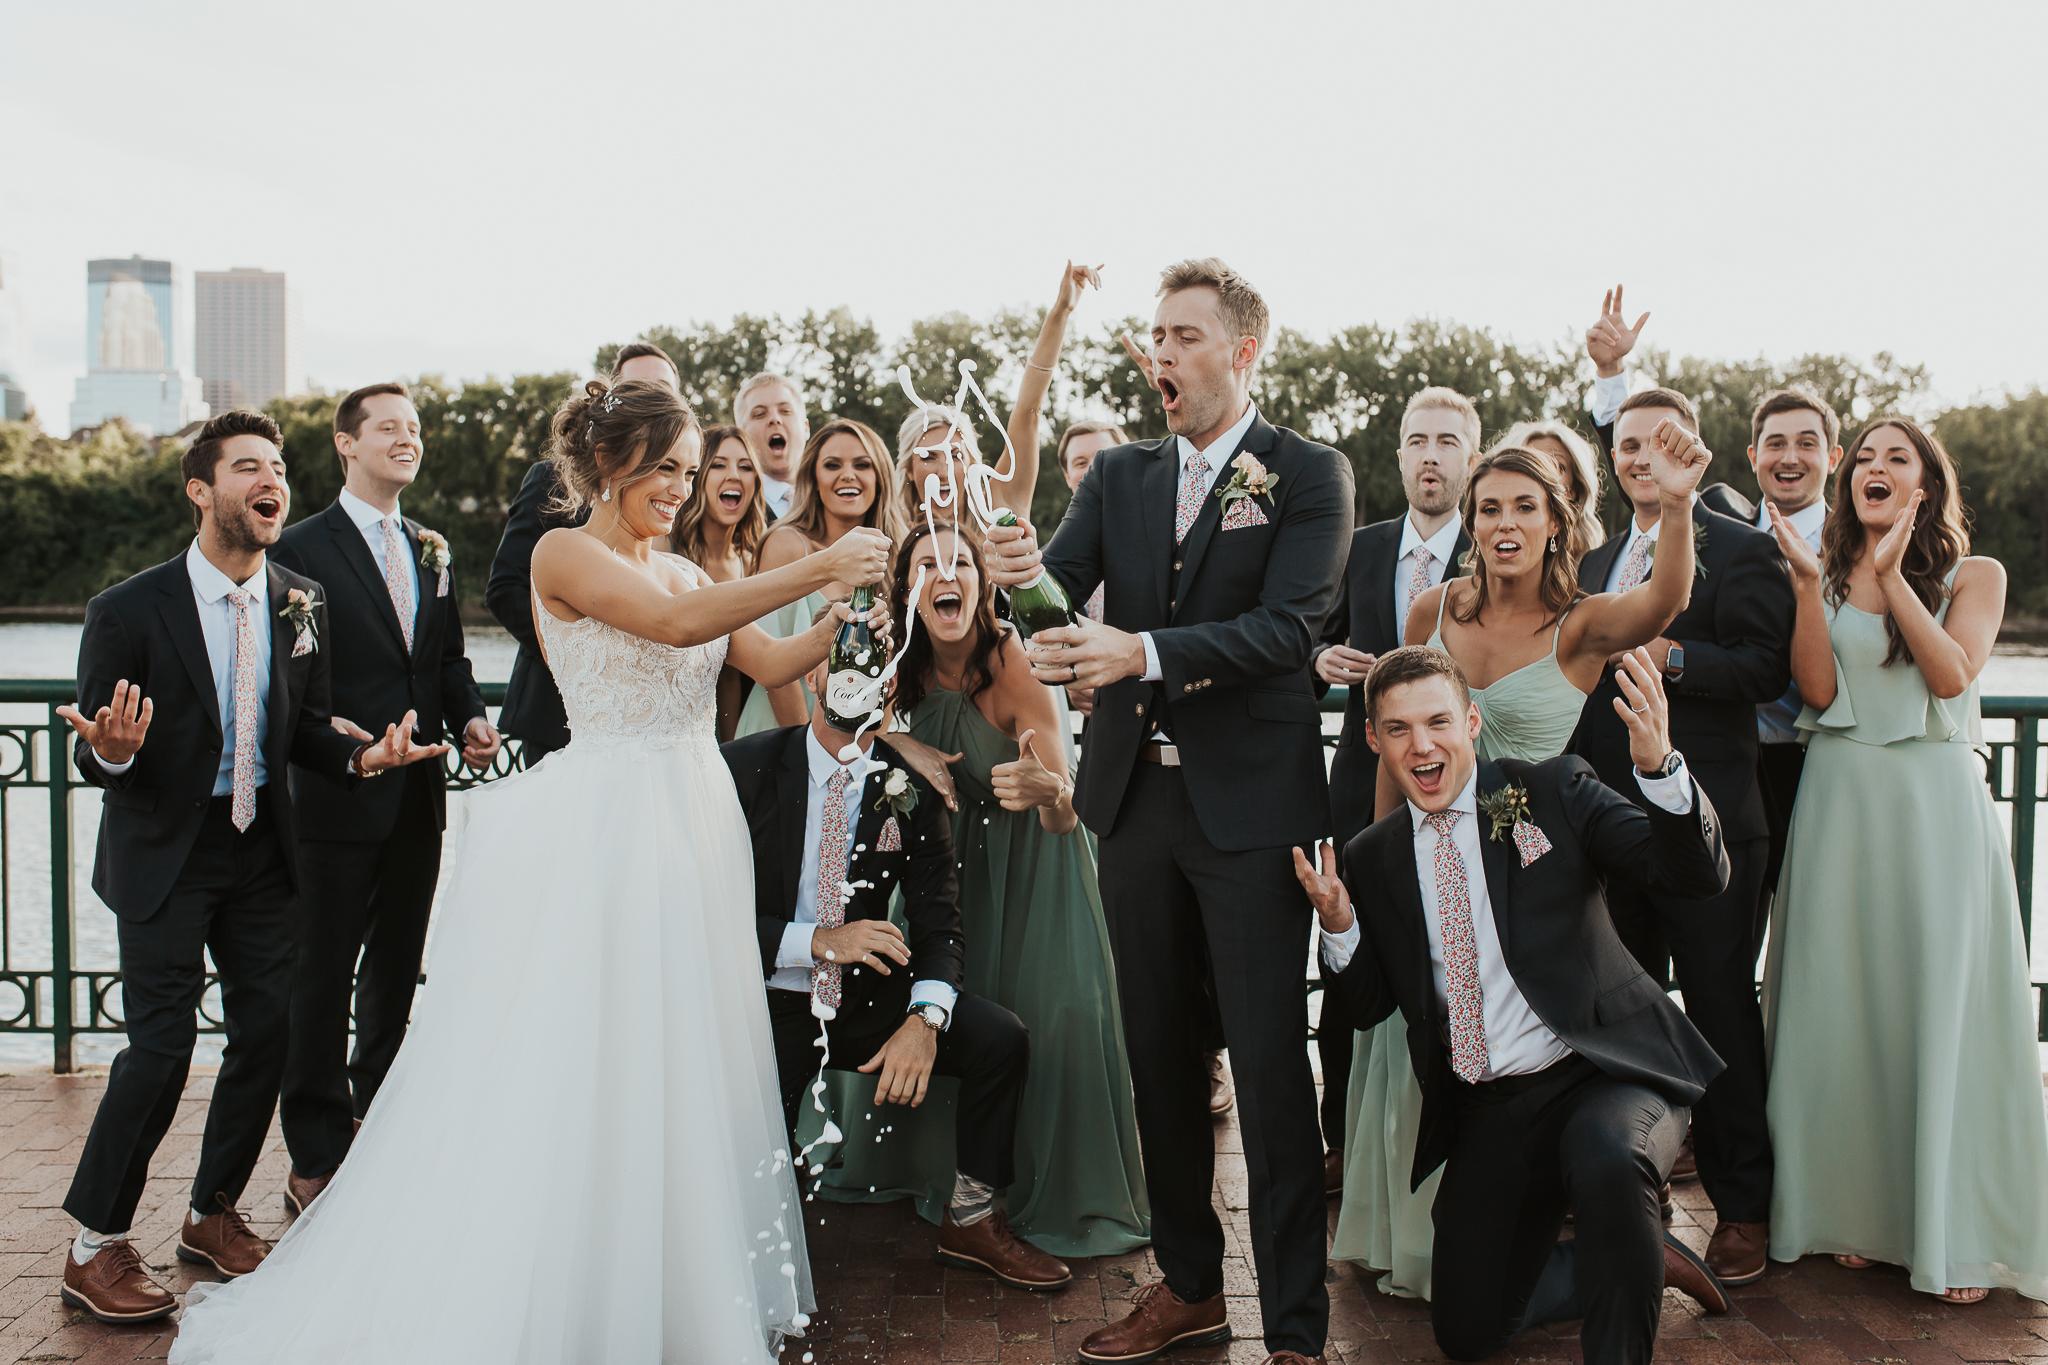 CoreyKelly-Wedding-39.jpg